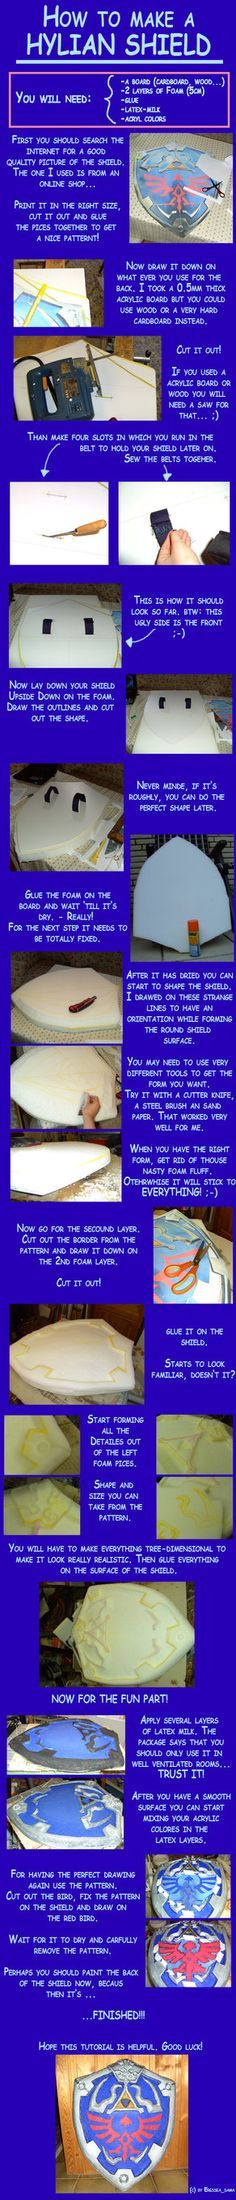 How to make a Hylian shield by ~Eressea-sama on deviantART